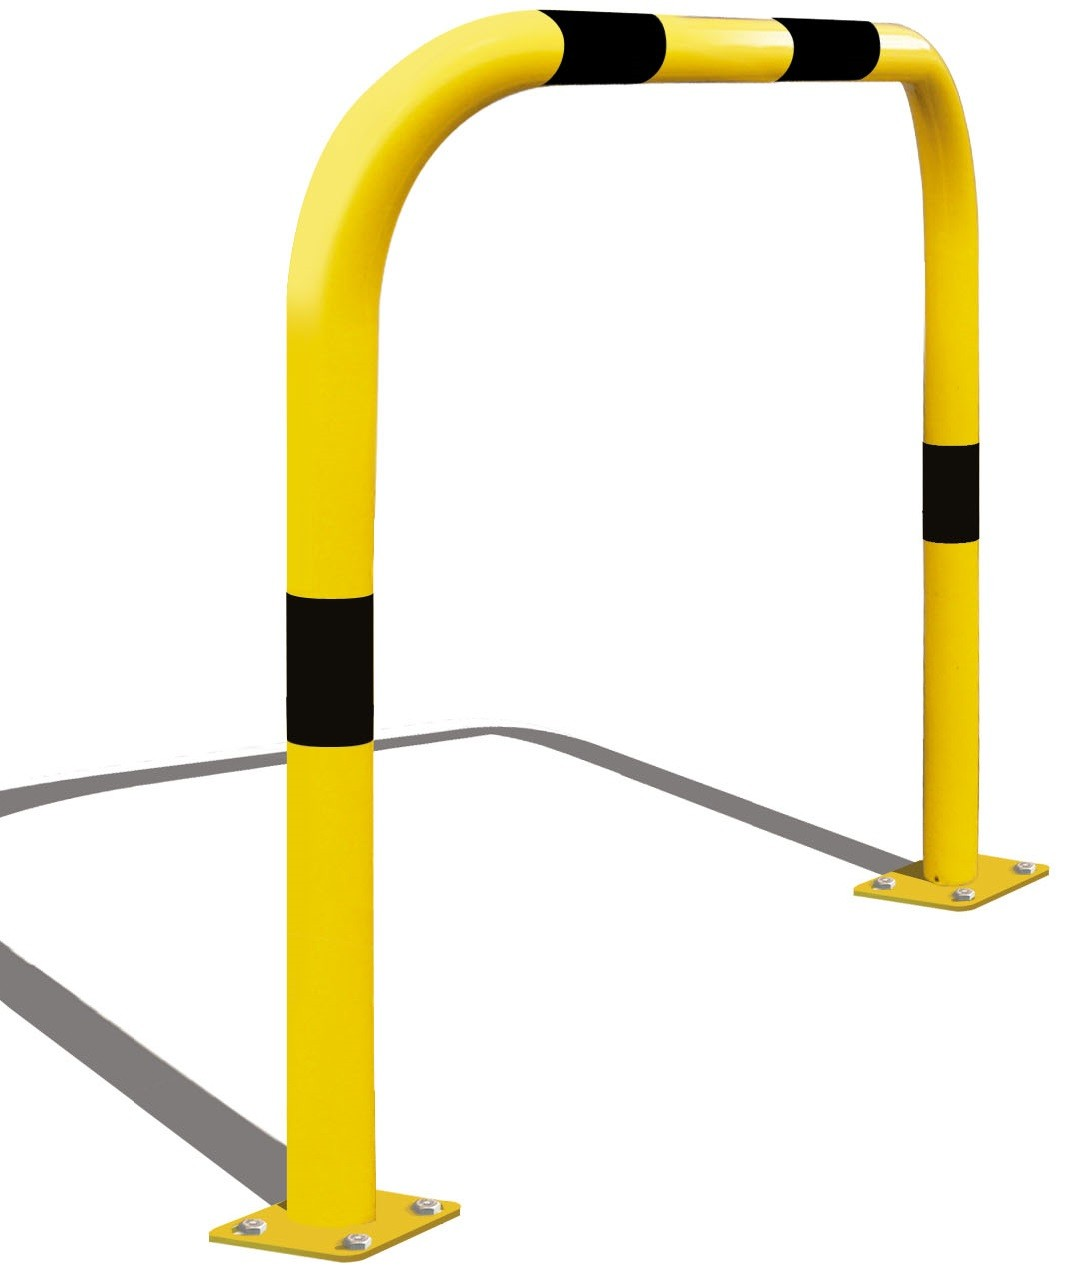 Arceau de protection simple - Ø 60 mm